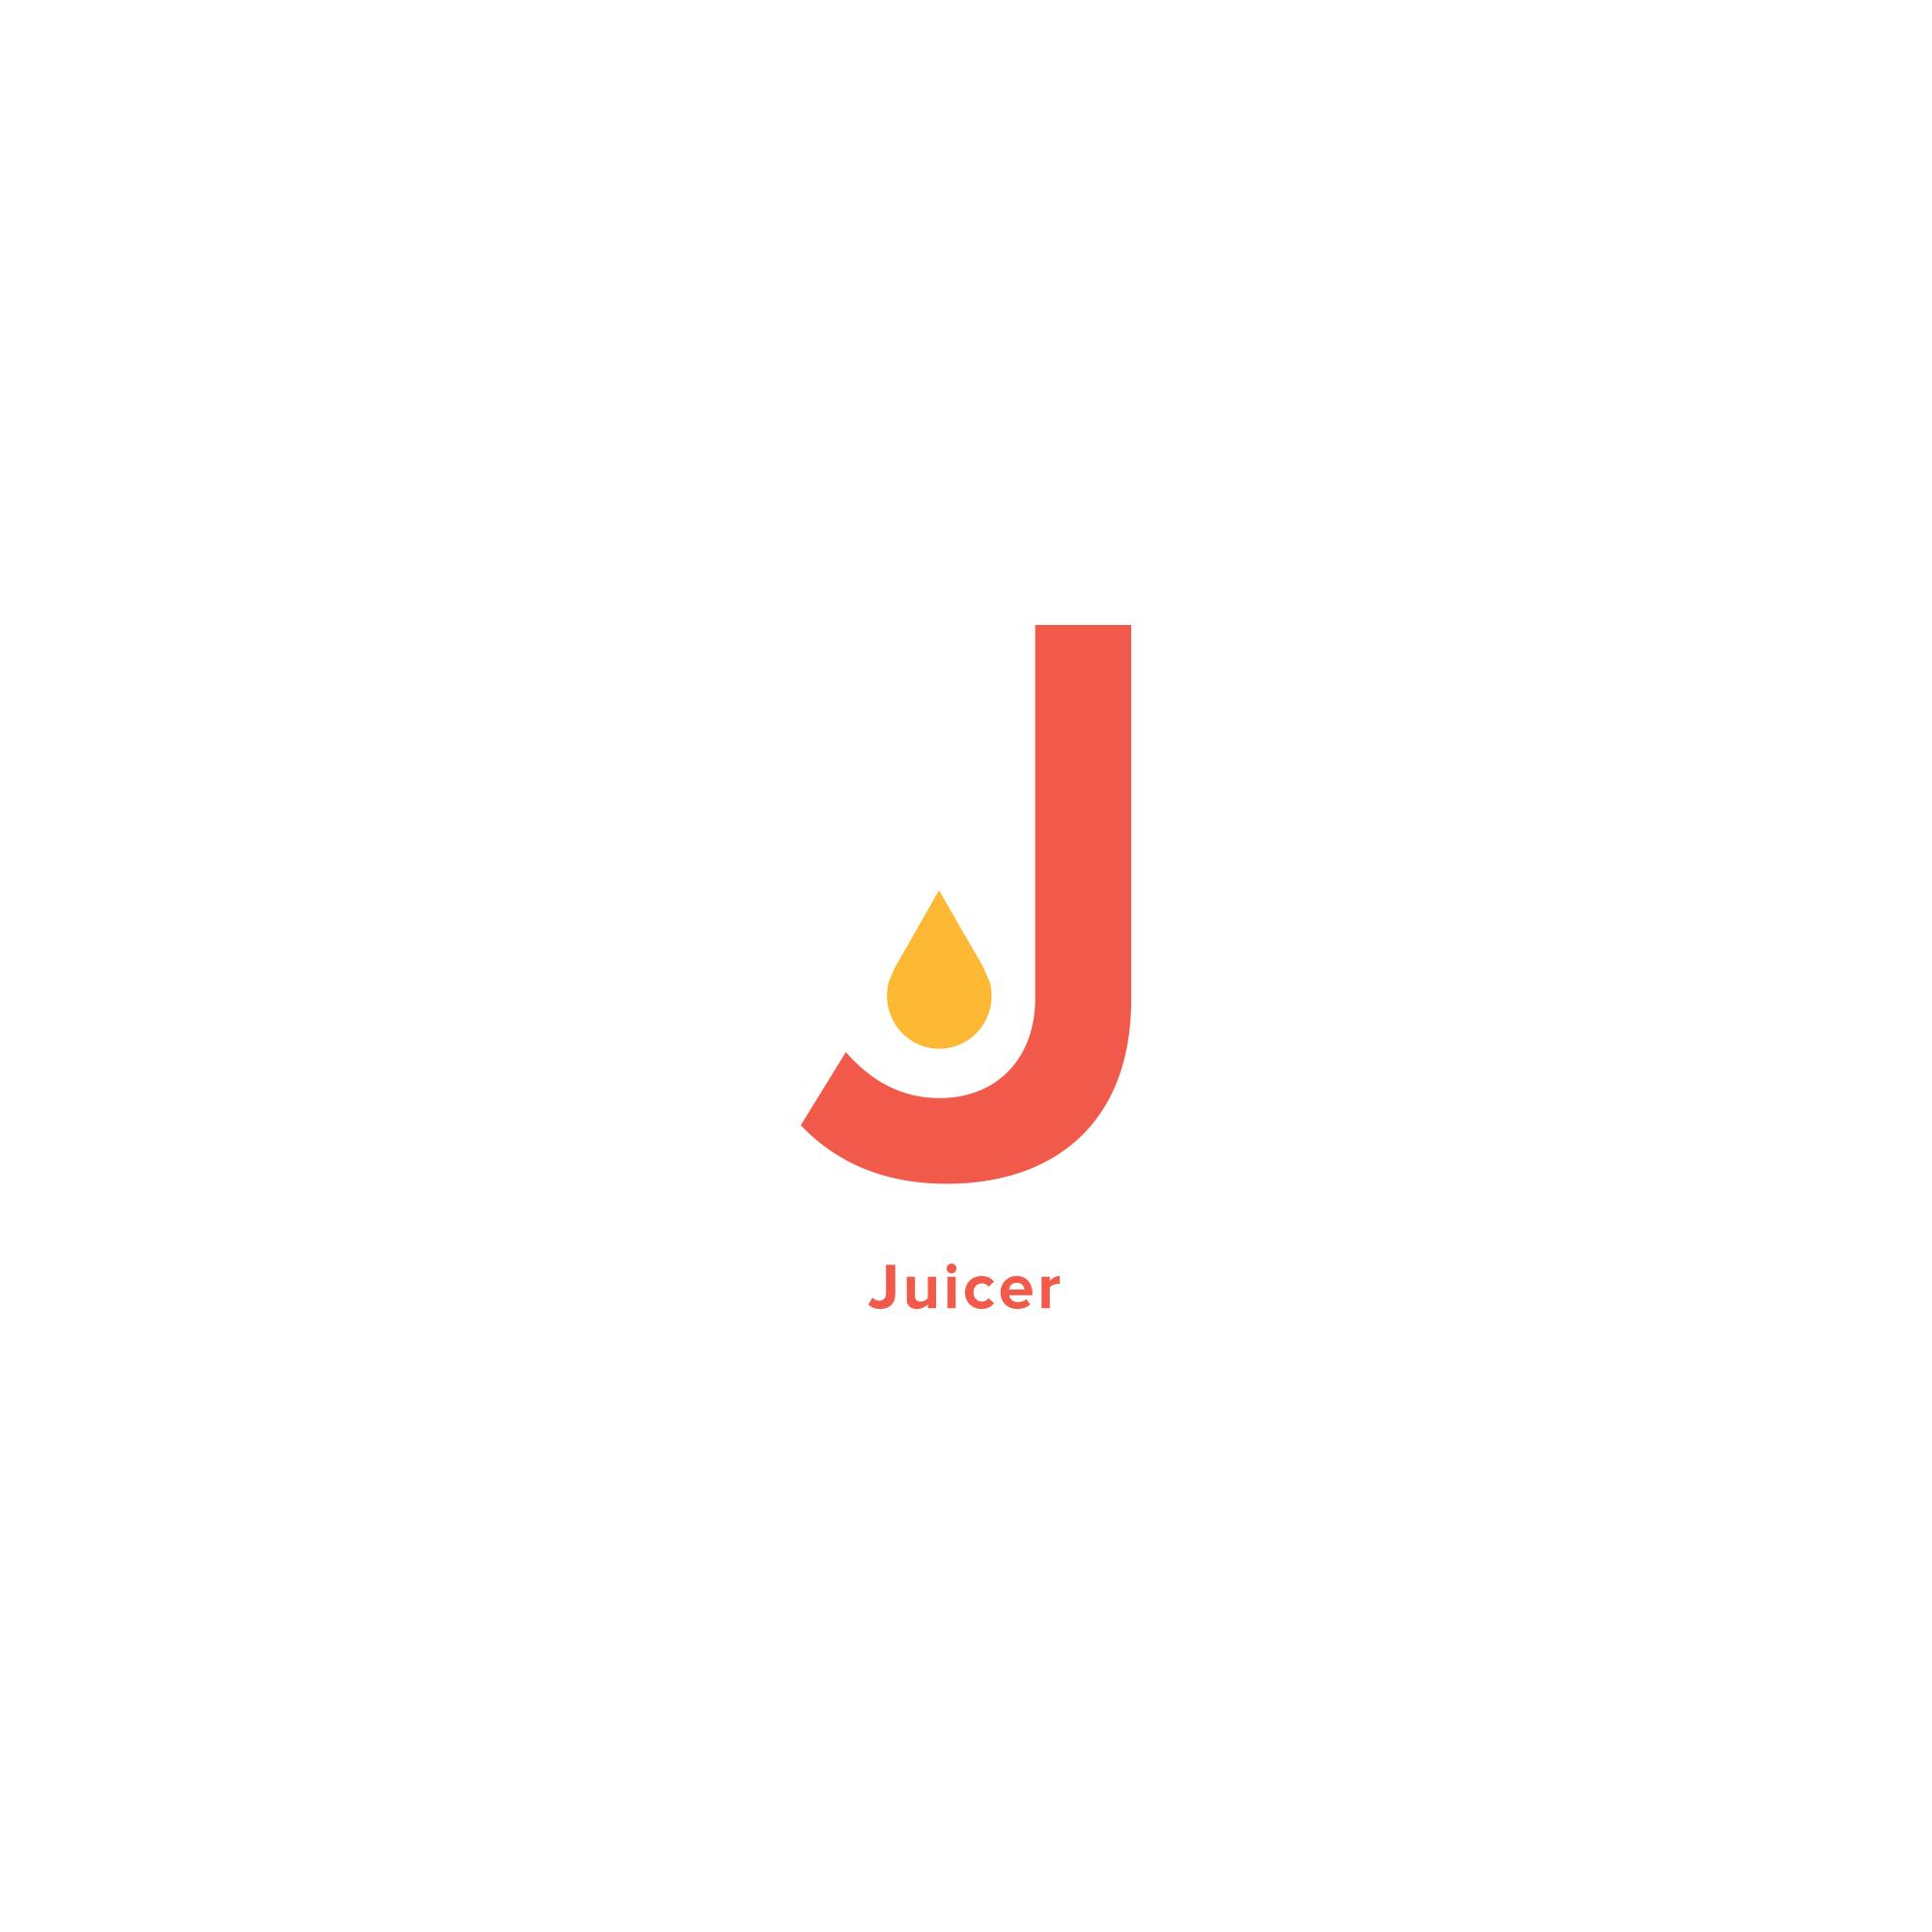 juicer_1.jpg